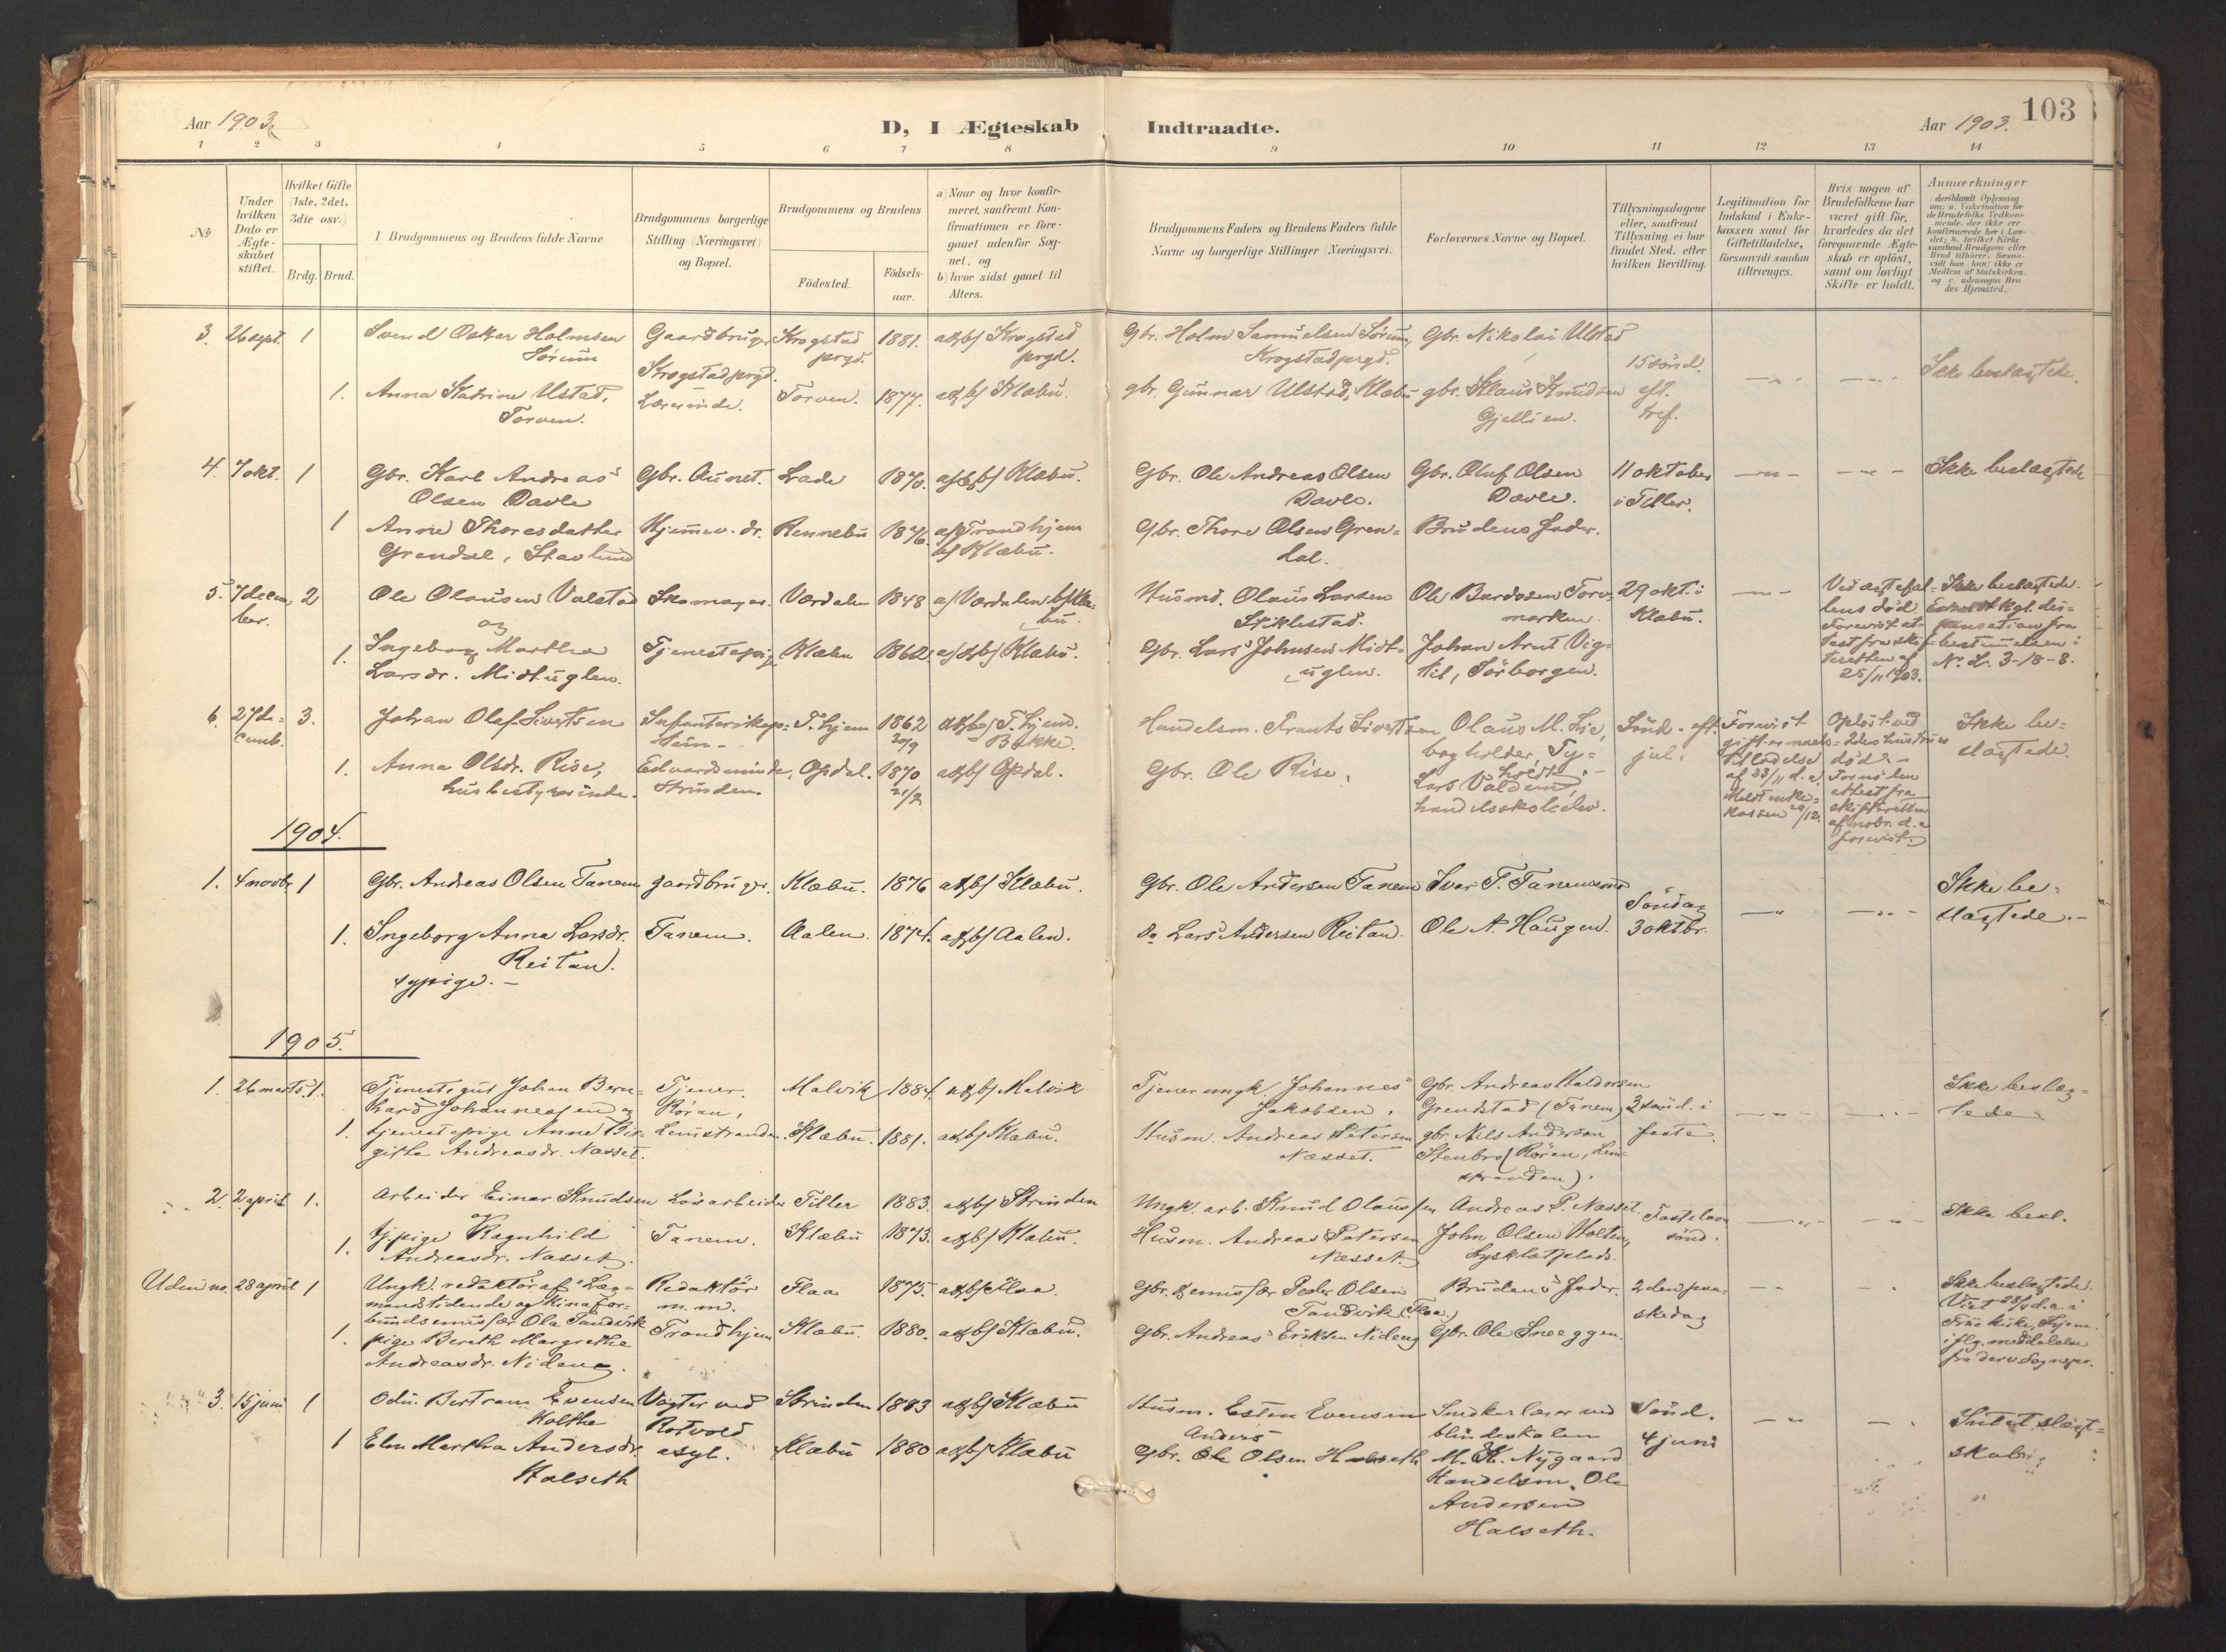 SAT, Ministerialprotokoller, klokkerbøker og fødselsregistre - Sør-Trøndelag, 618/L0448: Ministerialbok nr. 618A11, 1898-1916, s. 103